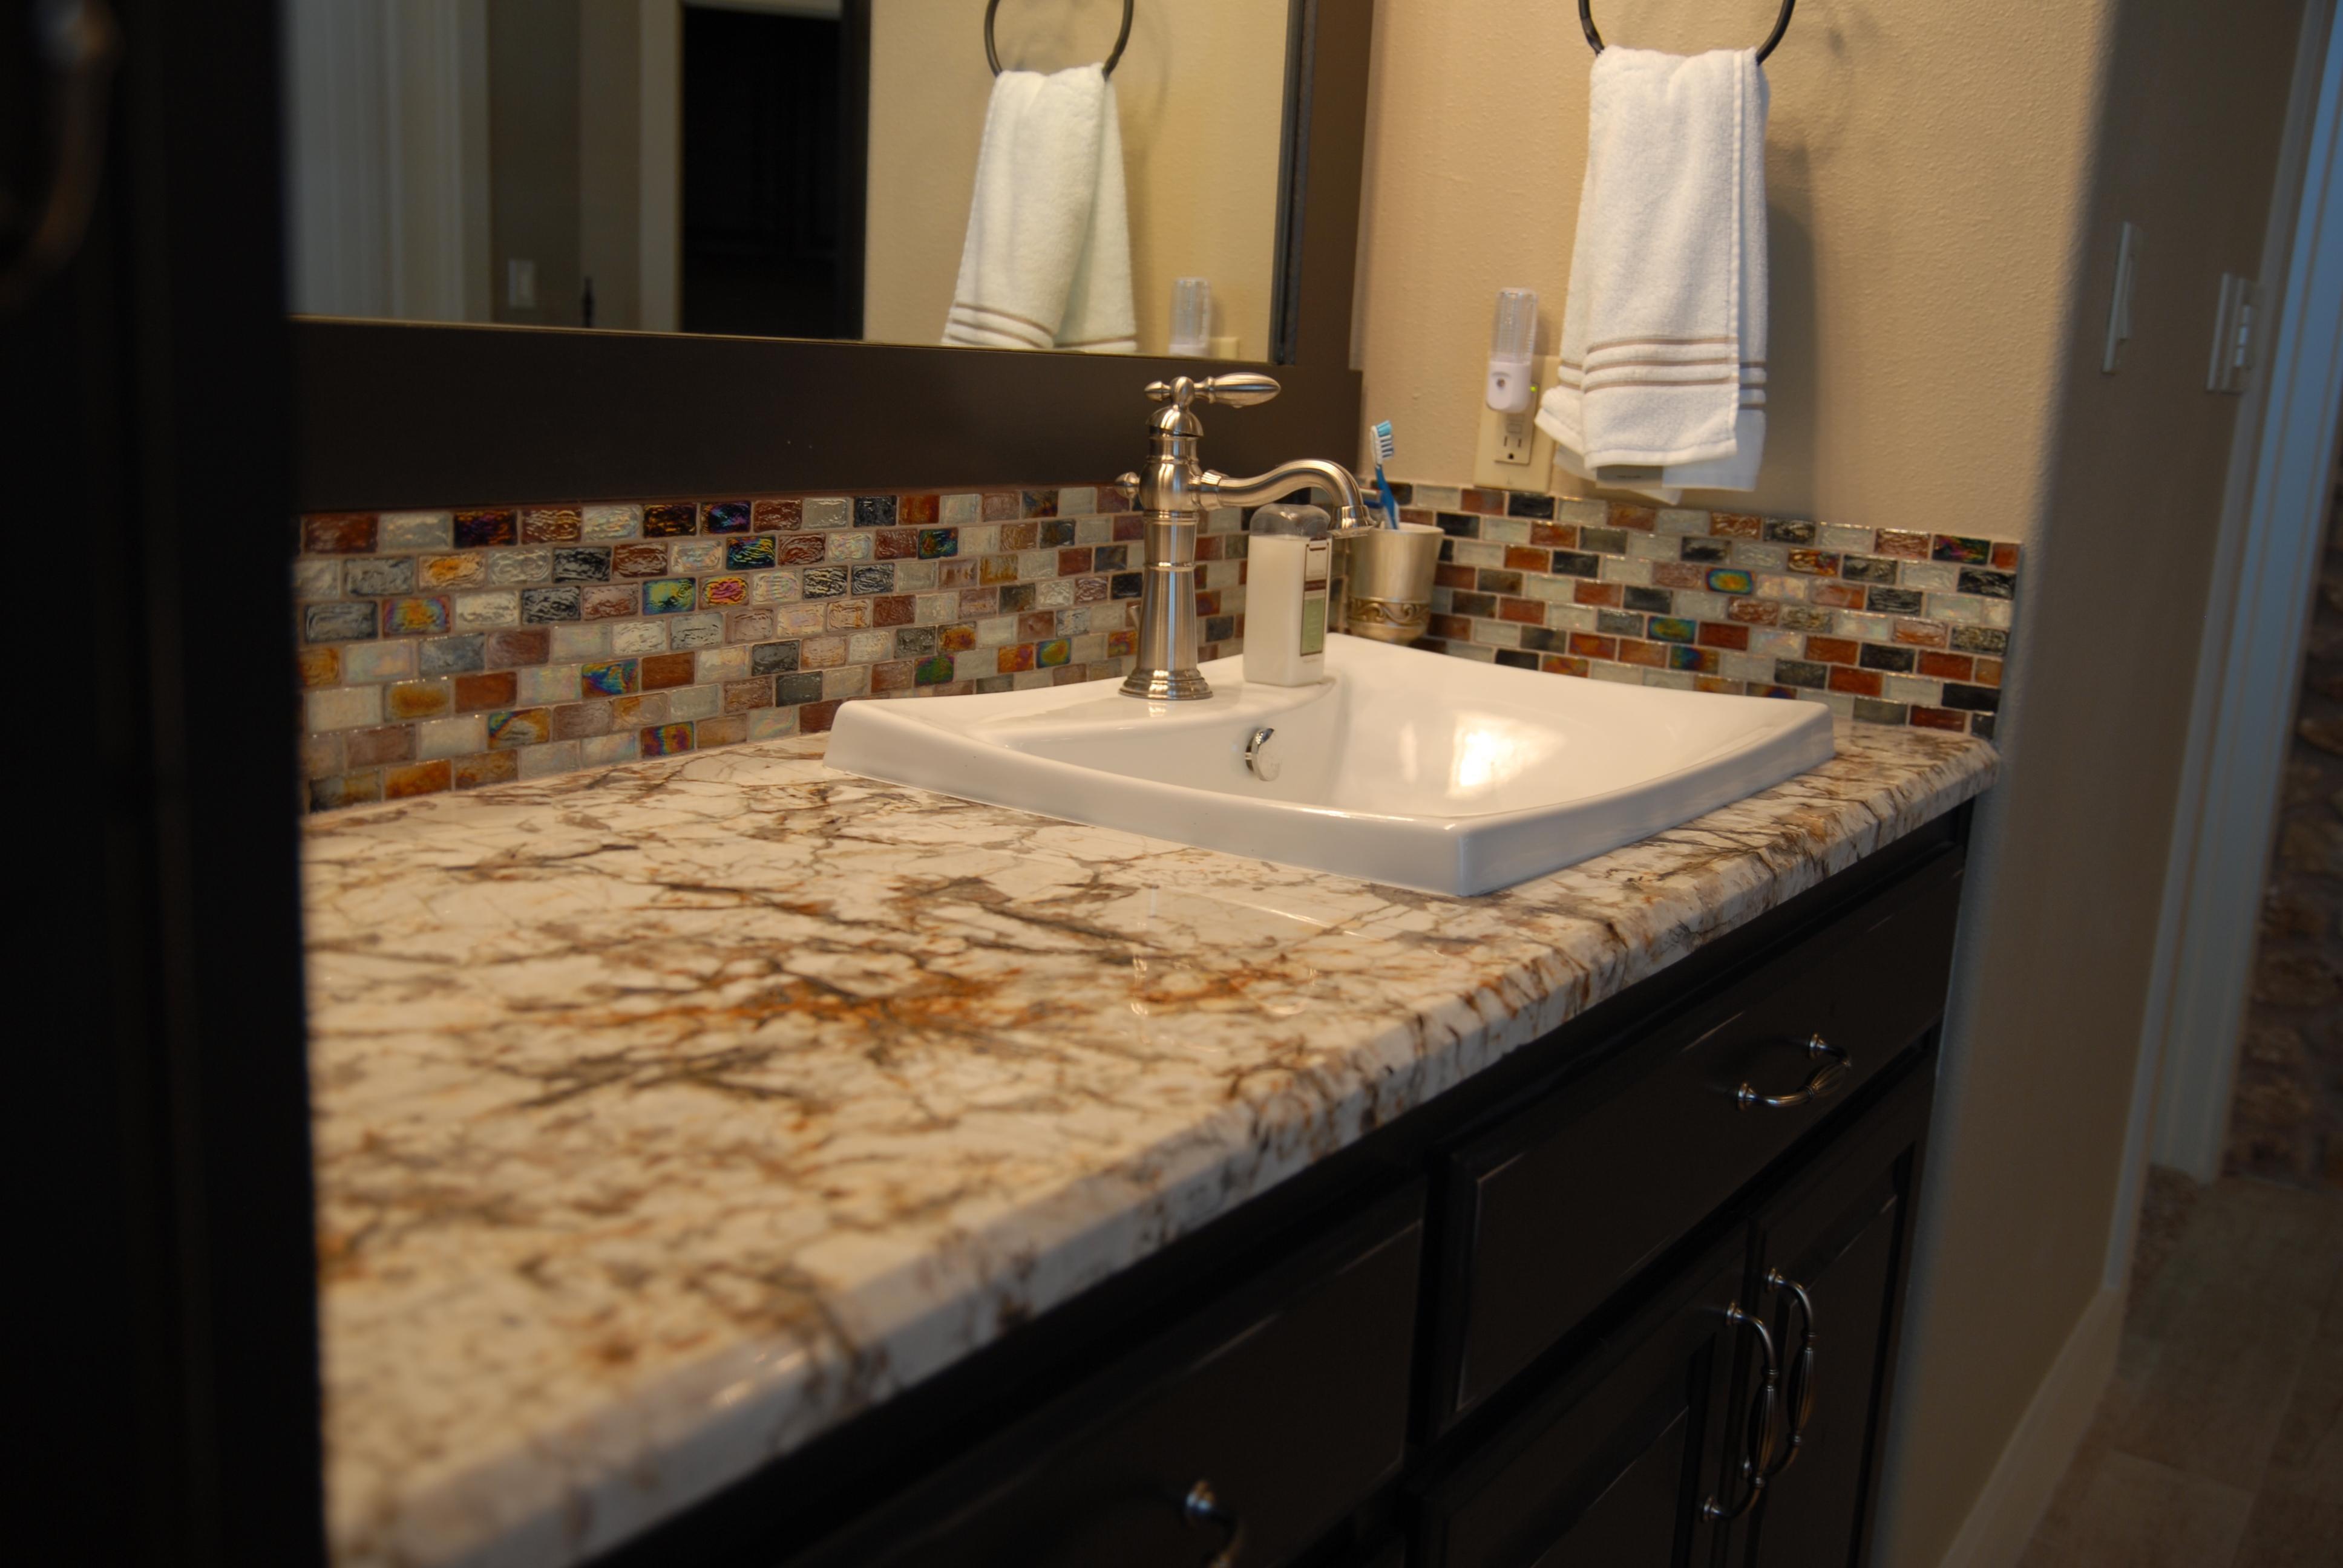 amazing bathroom sink vanity photograph-Stunning Bathroom Sink Vanity Portrait